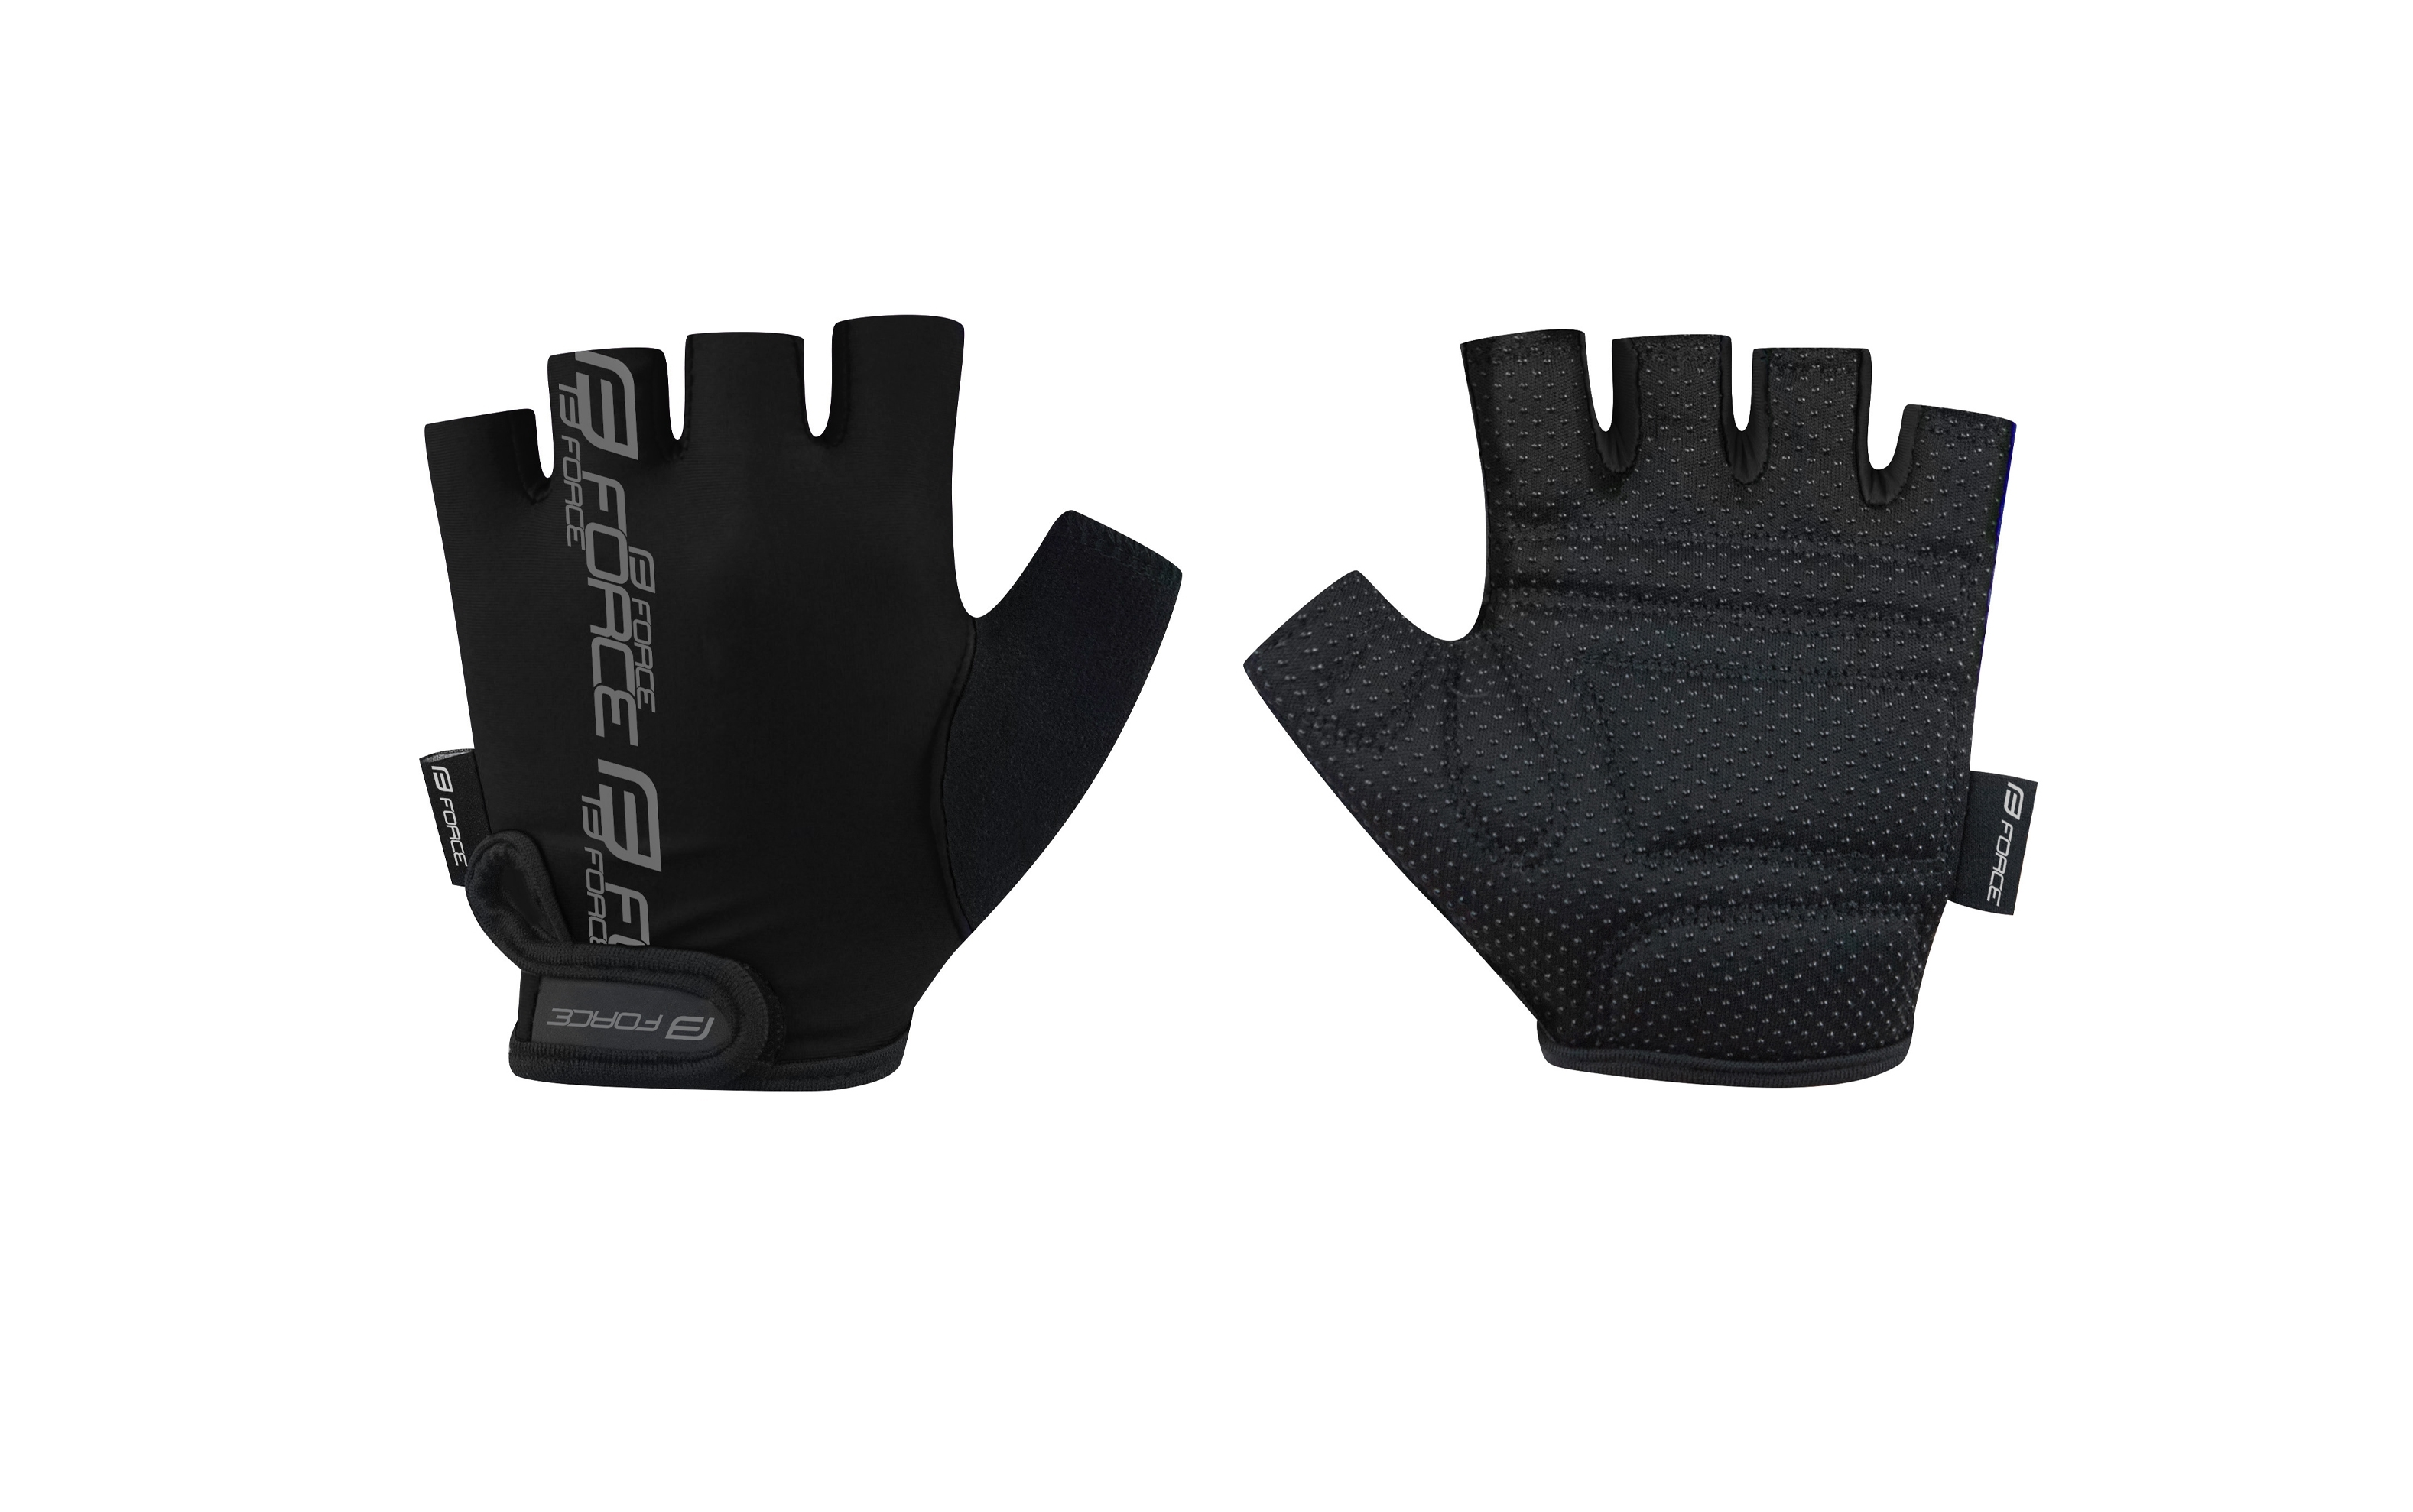 rukavice FORCE KID dětské dětské, černé S